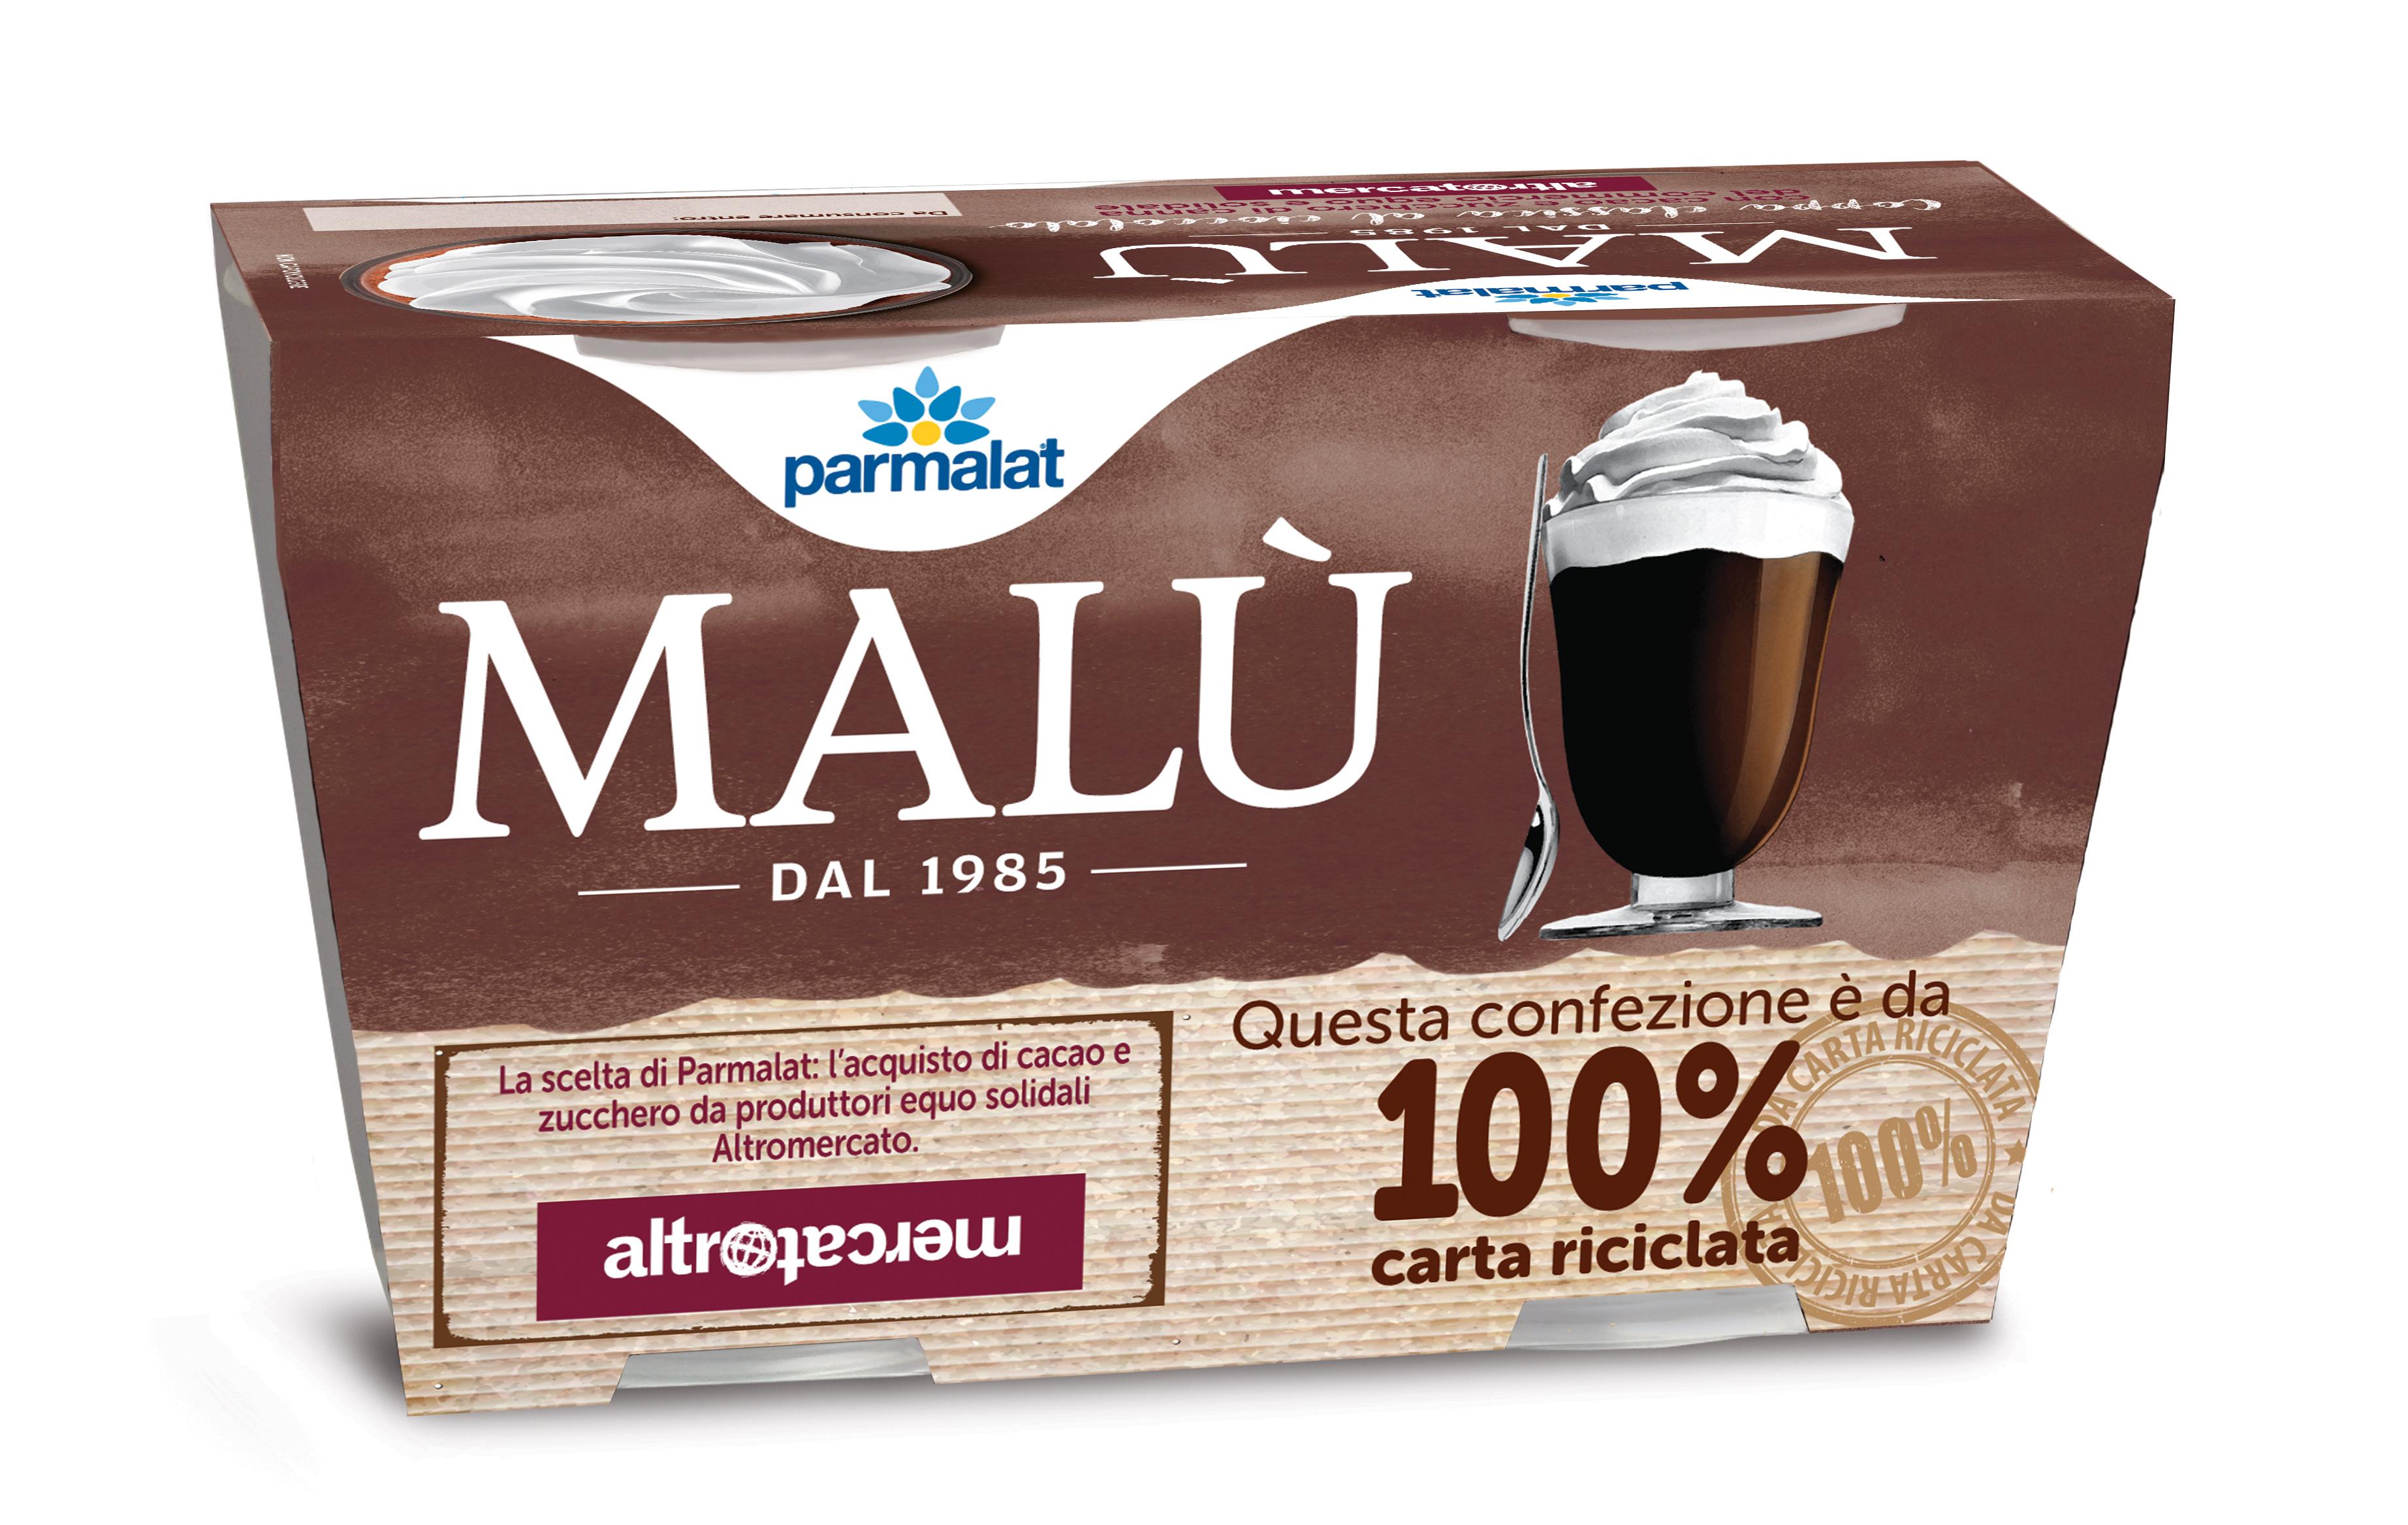 DESSERT COPPA MALU PARMALAT 100GX2 CACAO